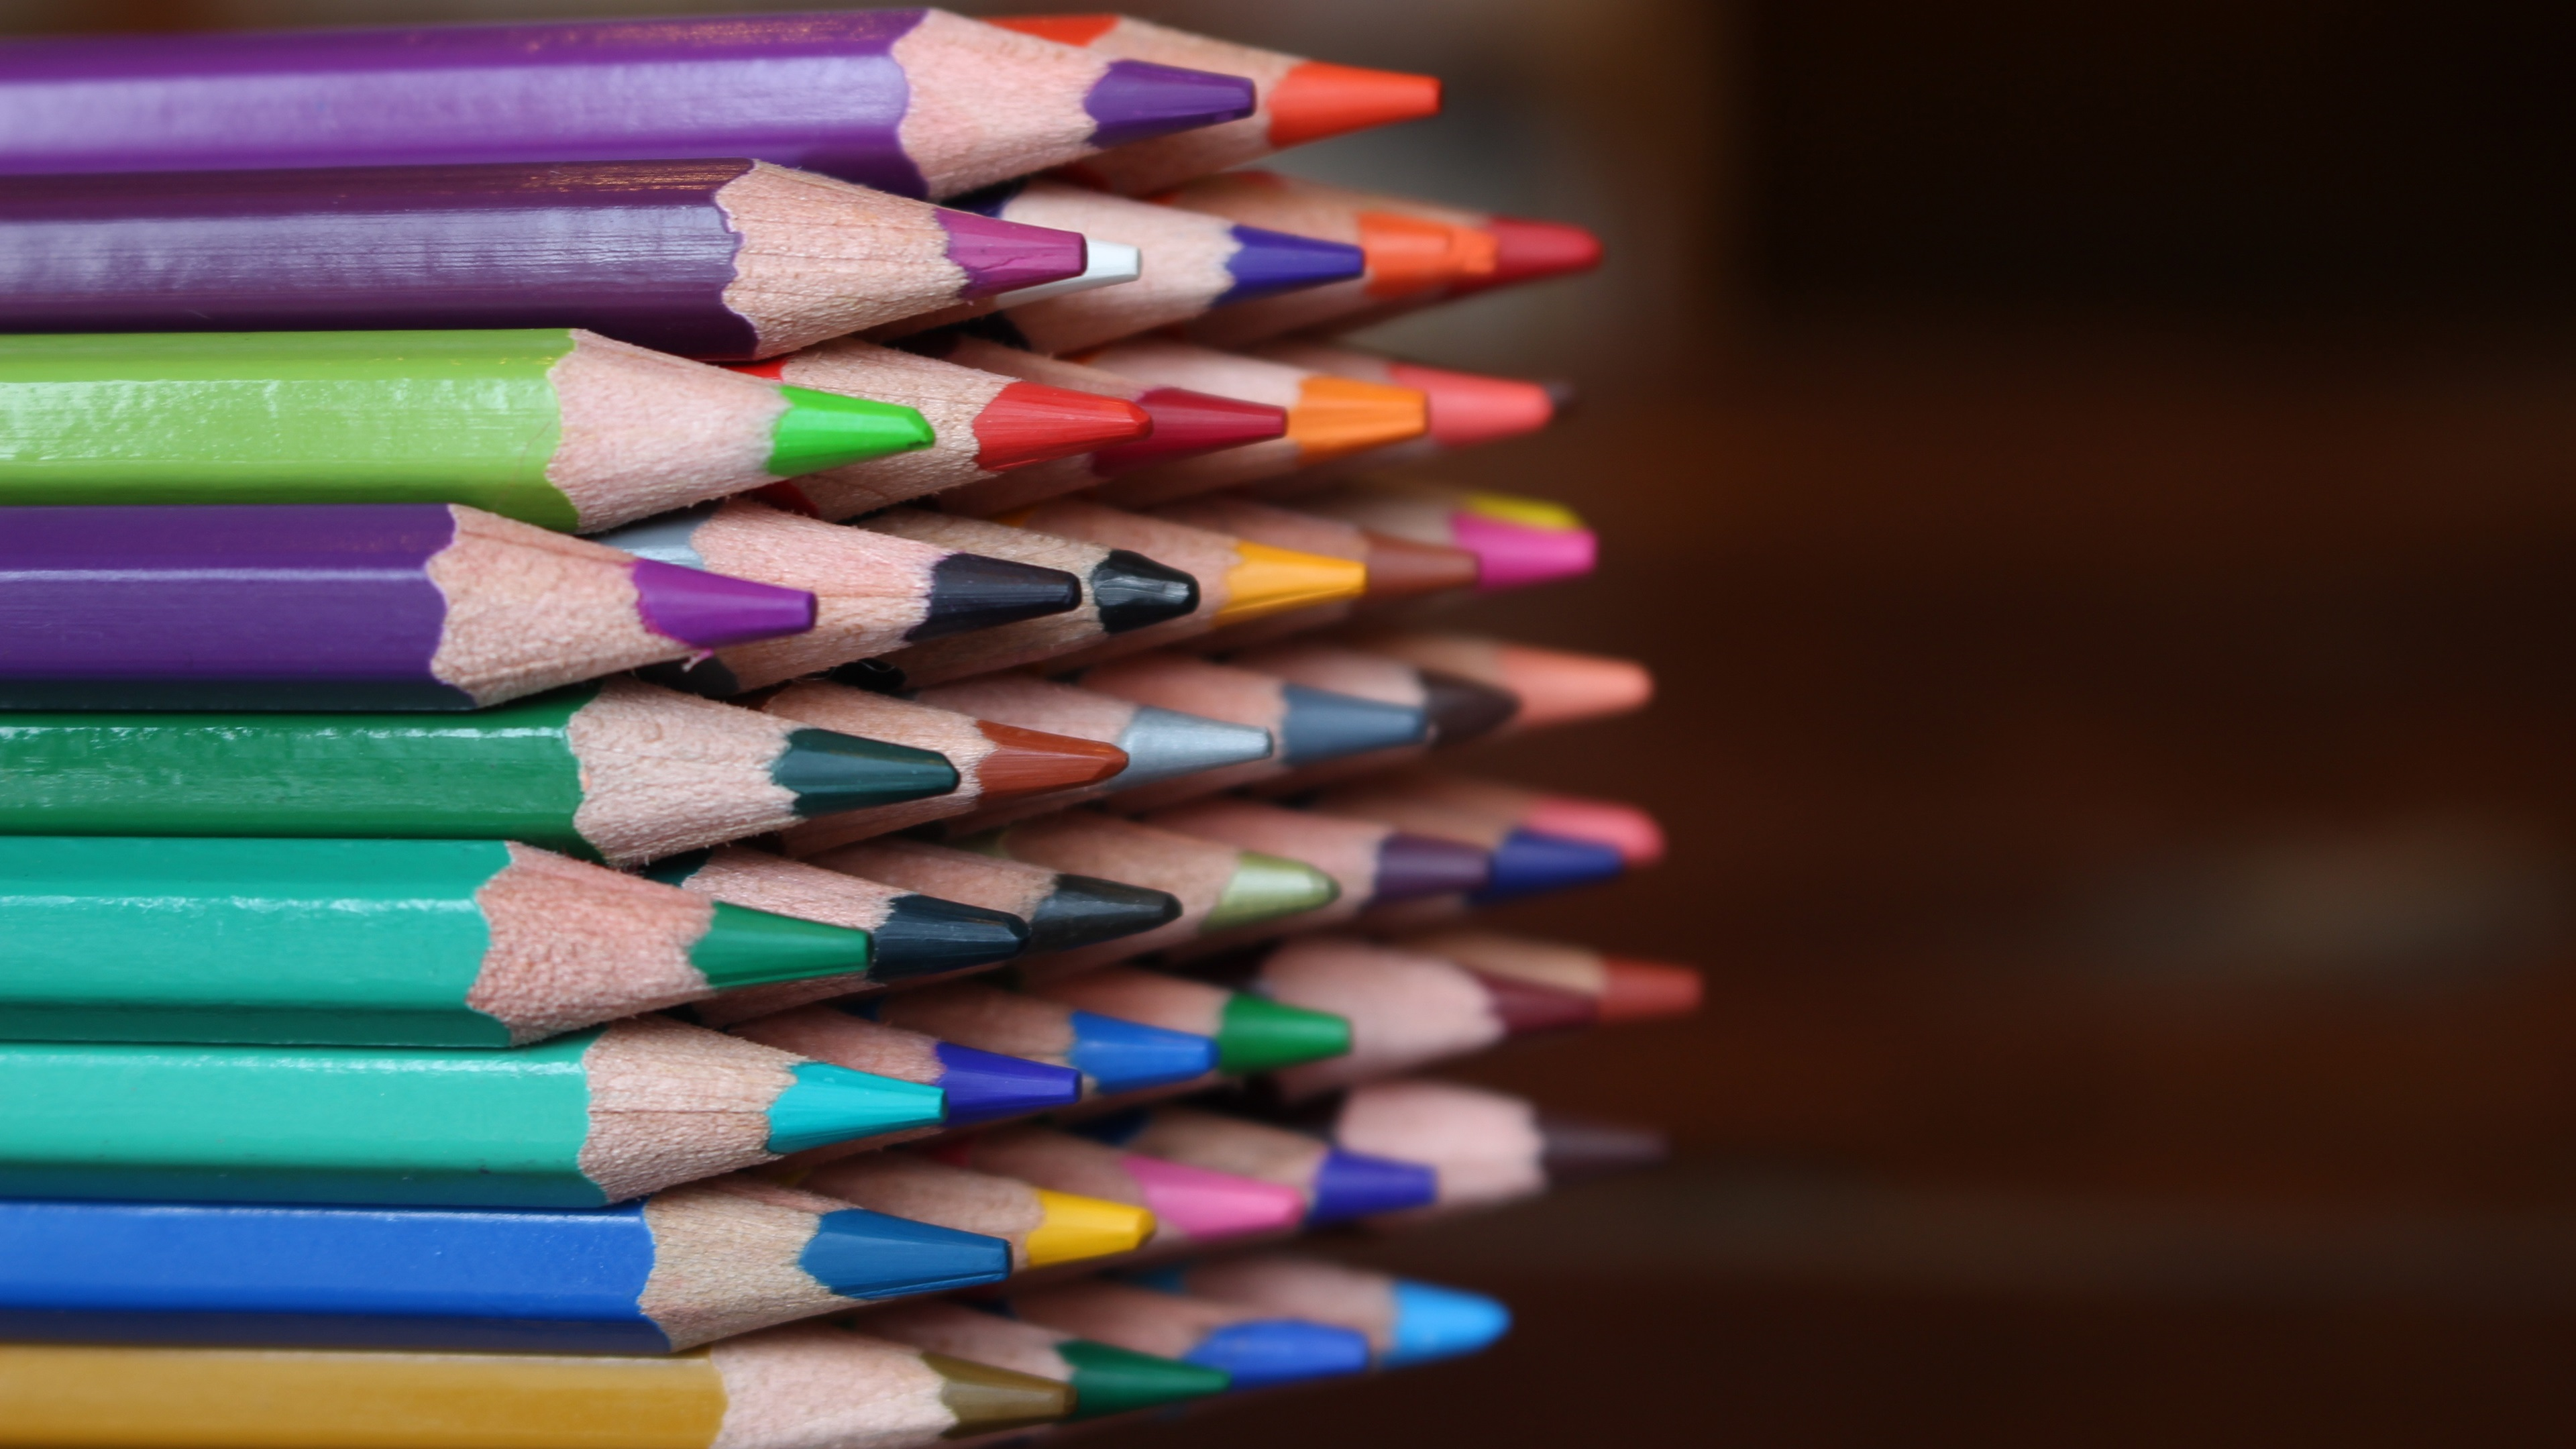 разноцветные карандаши  № 2931941 загрузить